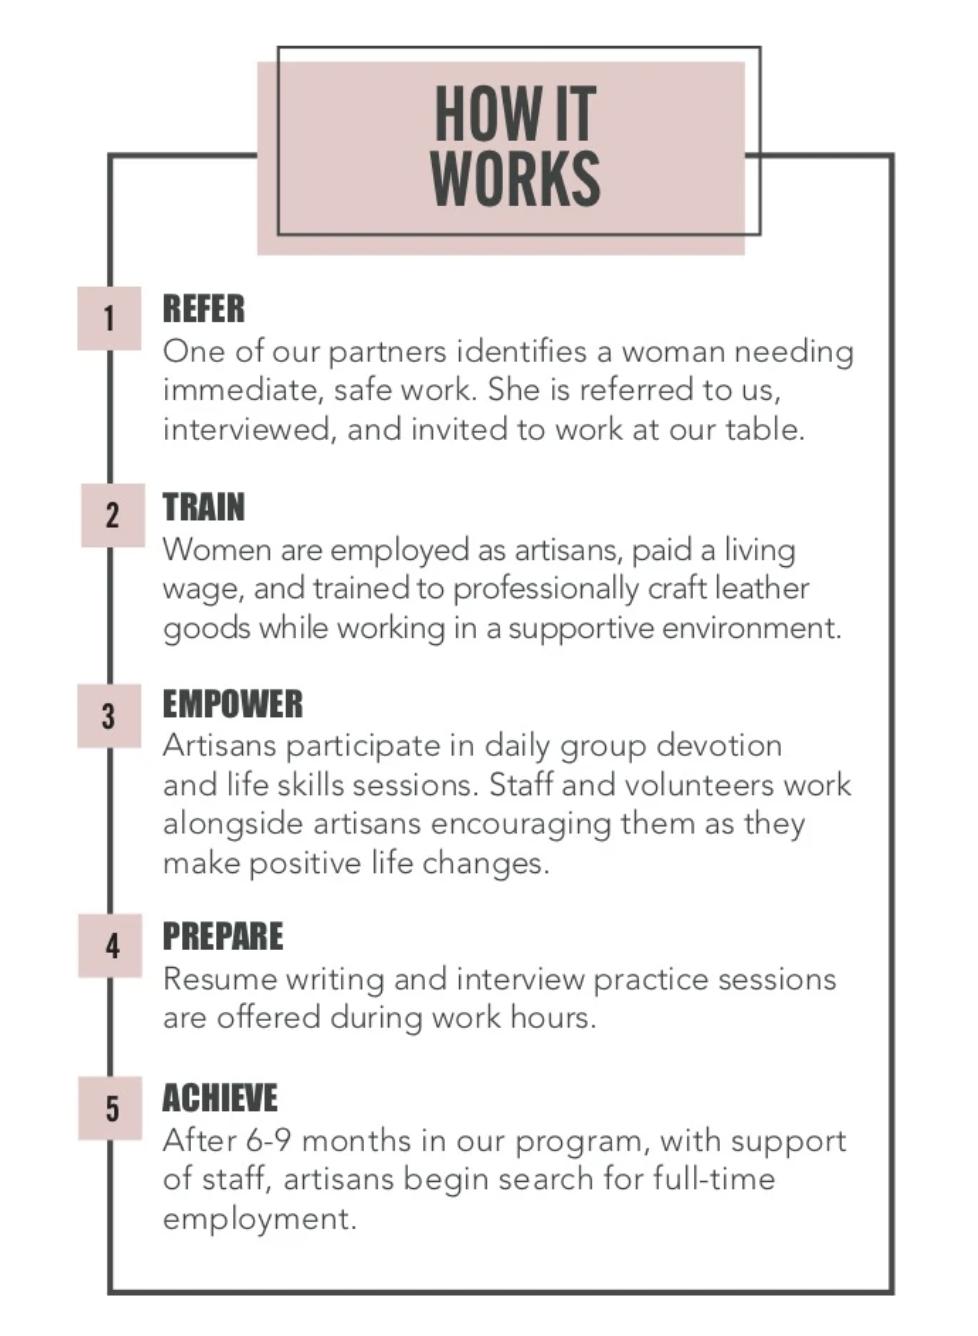 c501a5d14b9076f28cffd3ecbada781a - Women's Empowerment 2020 Raleigh Vendor Application